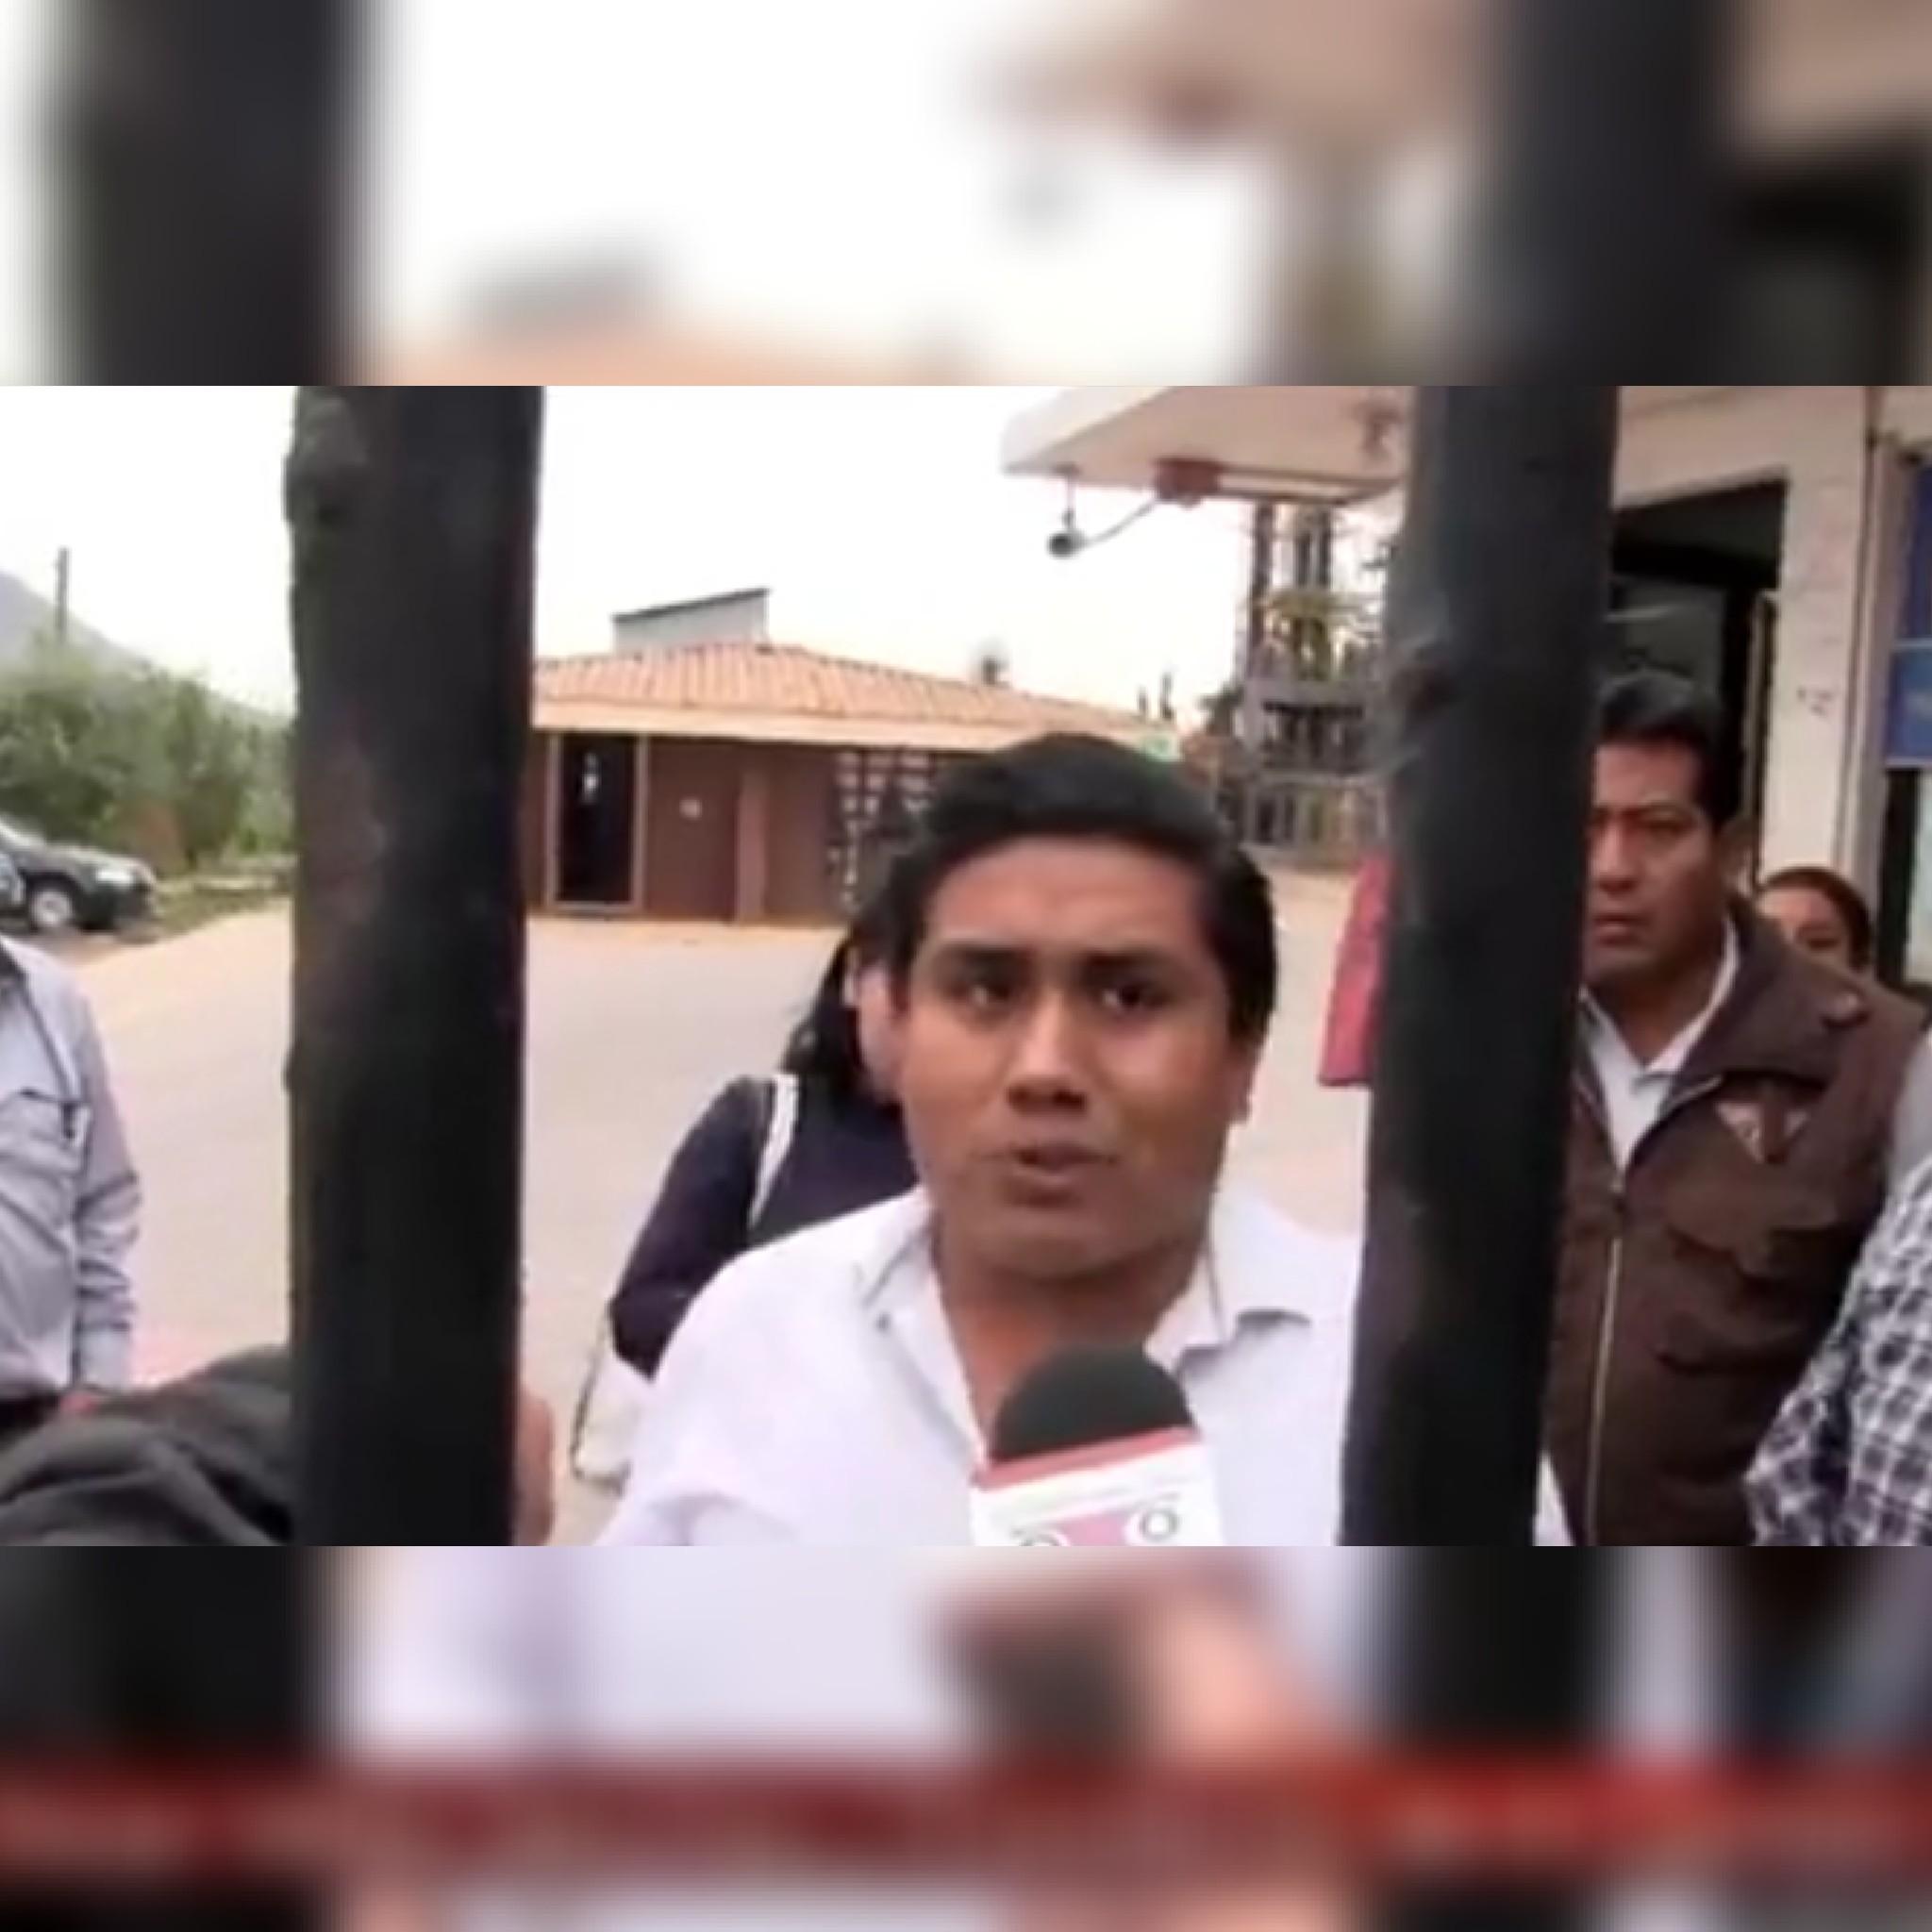 Alcalde de Tequexquitla clausura empresa